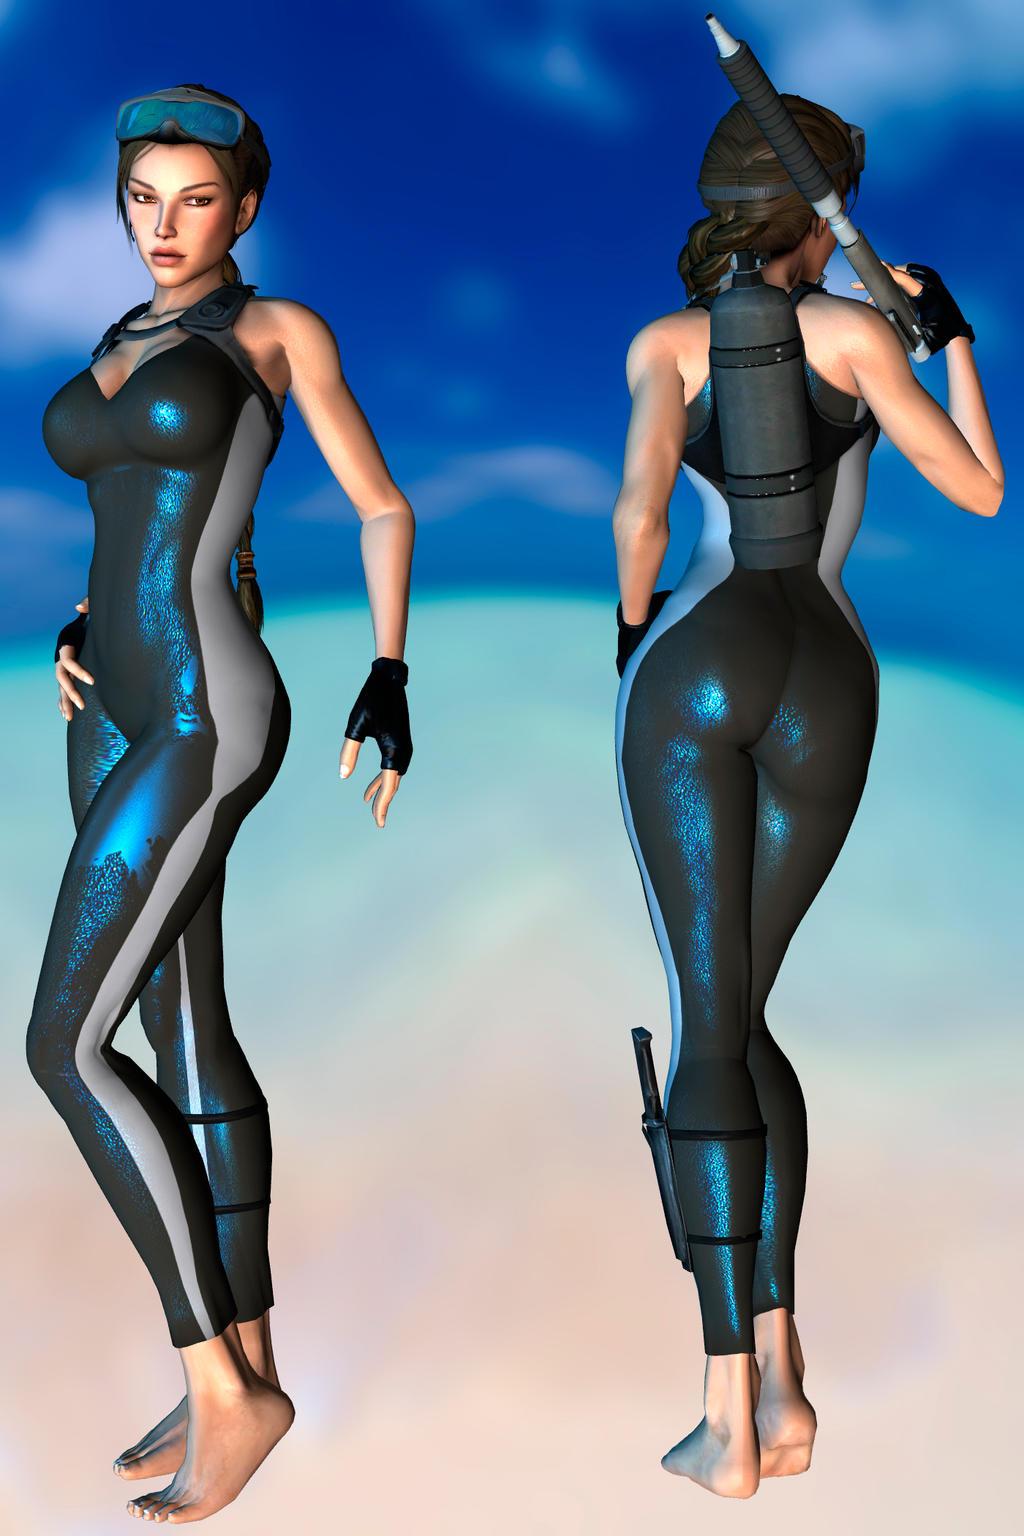 Lara Batchingsuit V 2.0 DL by ZayrCroft